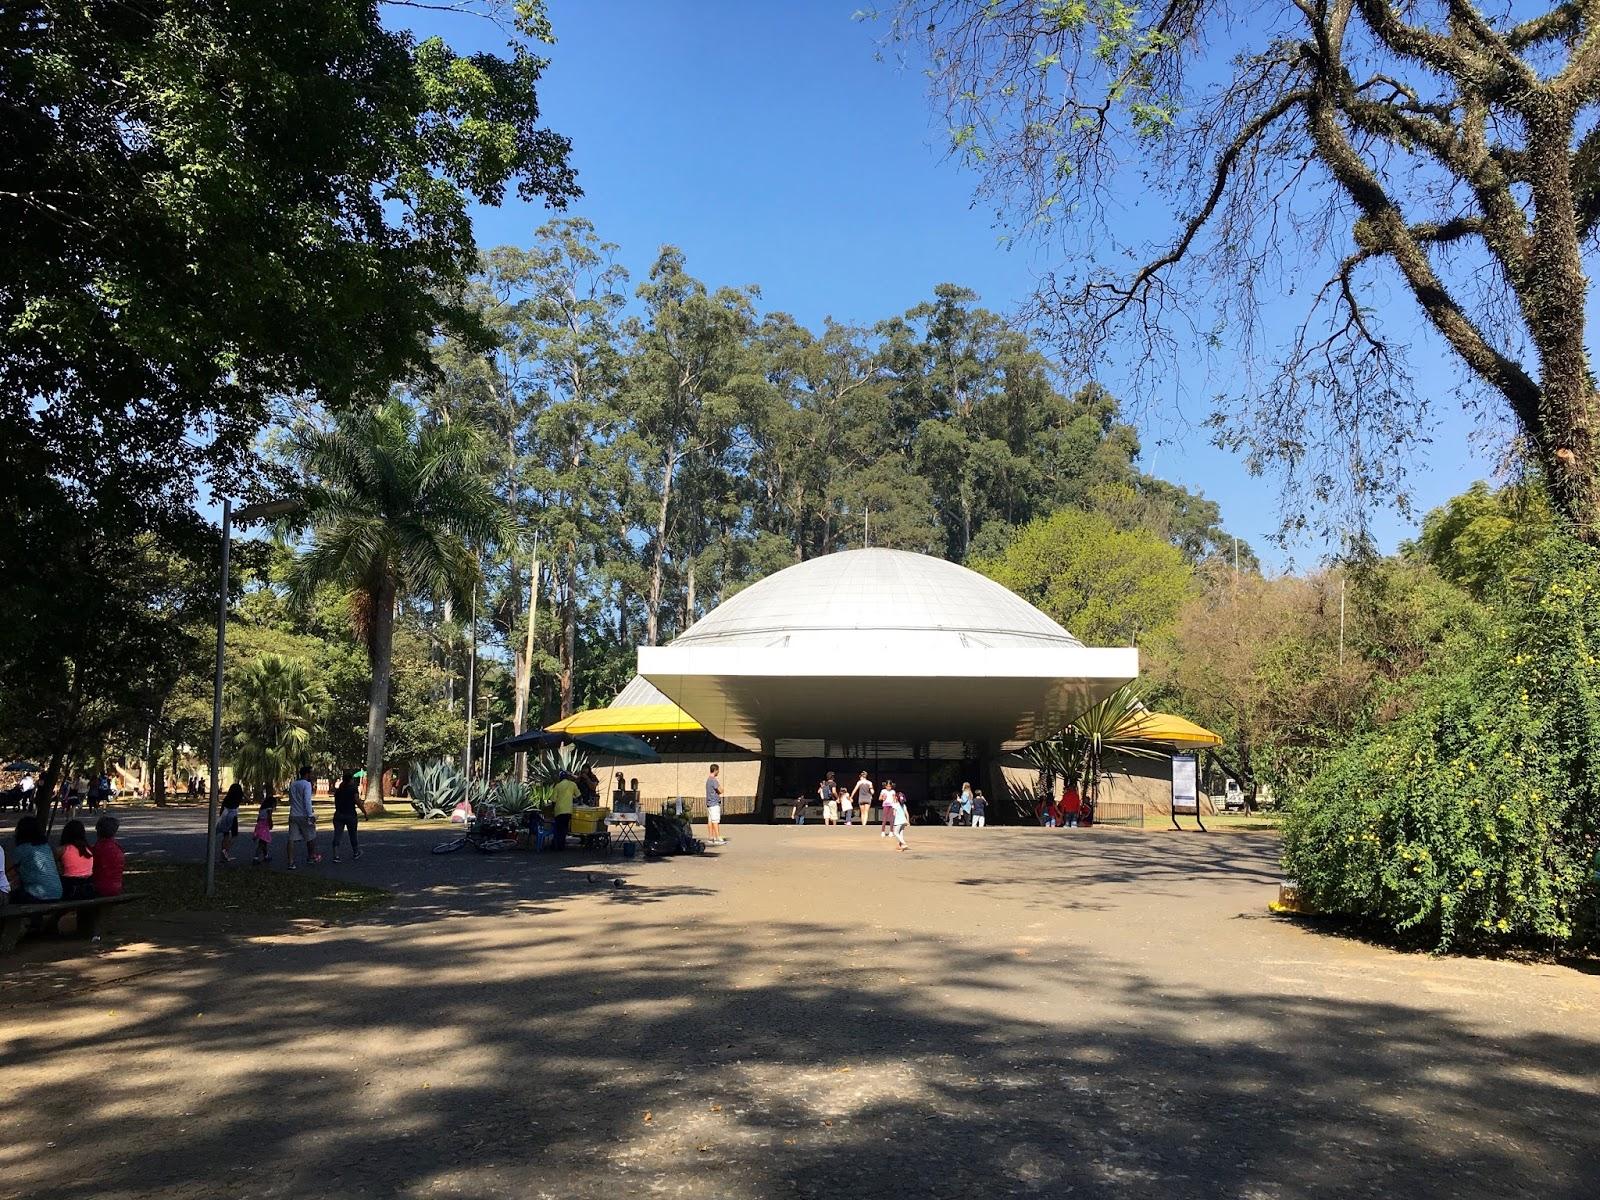 d16cf9411d2b Férias 2019 em SP: Planetário do Ibirapuera é uma boa opção para ...